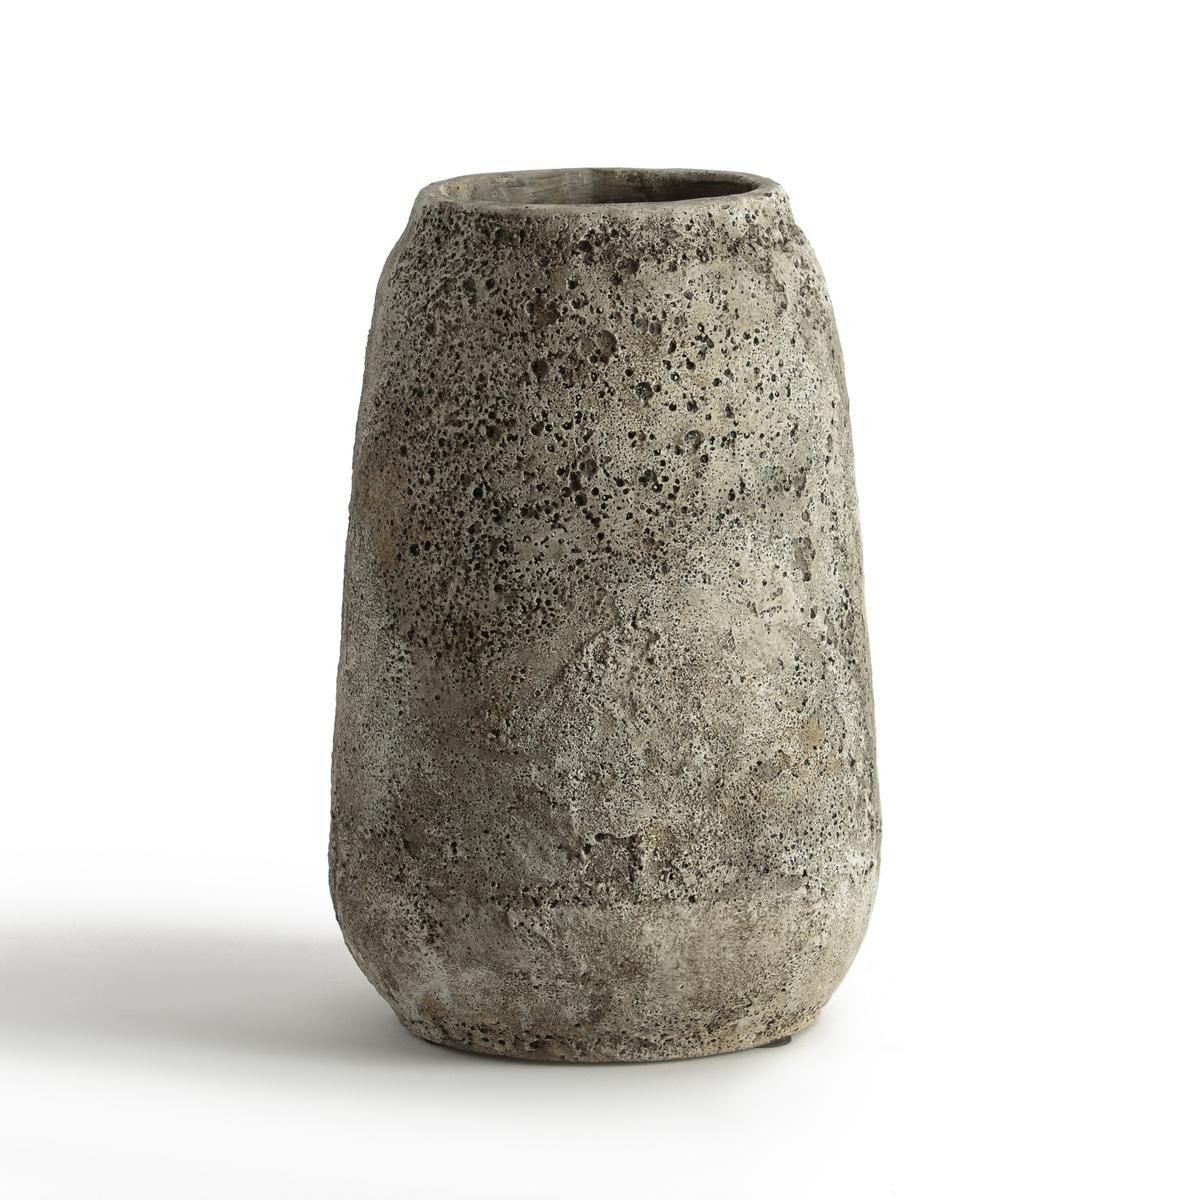 Ваза из цемента Ø22 см, Serax lefard ваза dikla 26 см